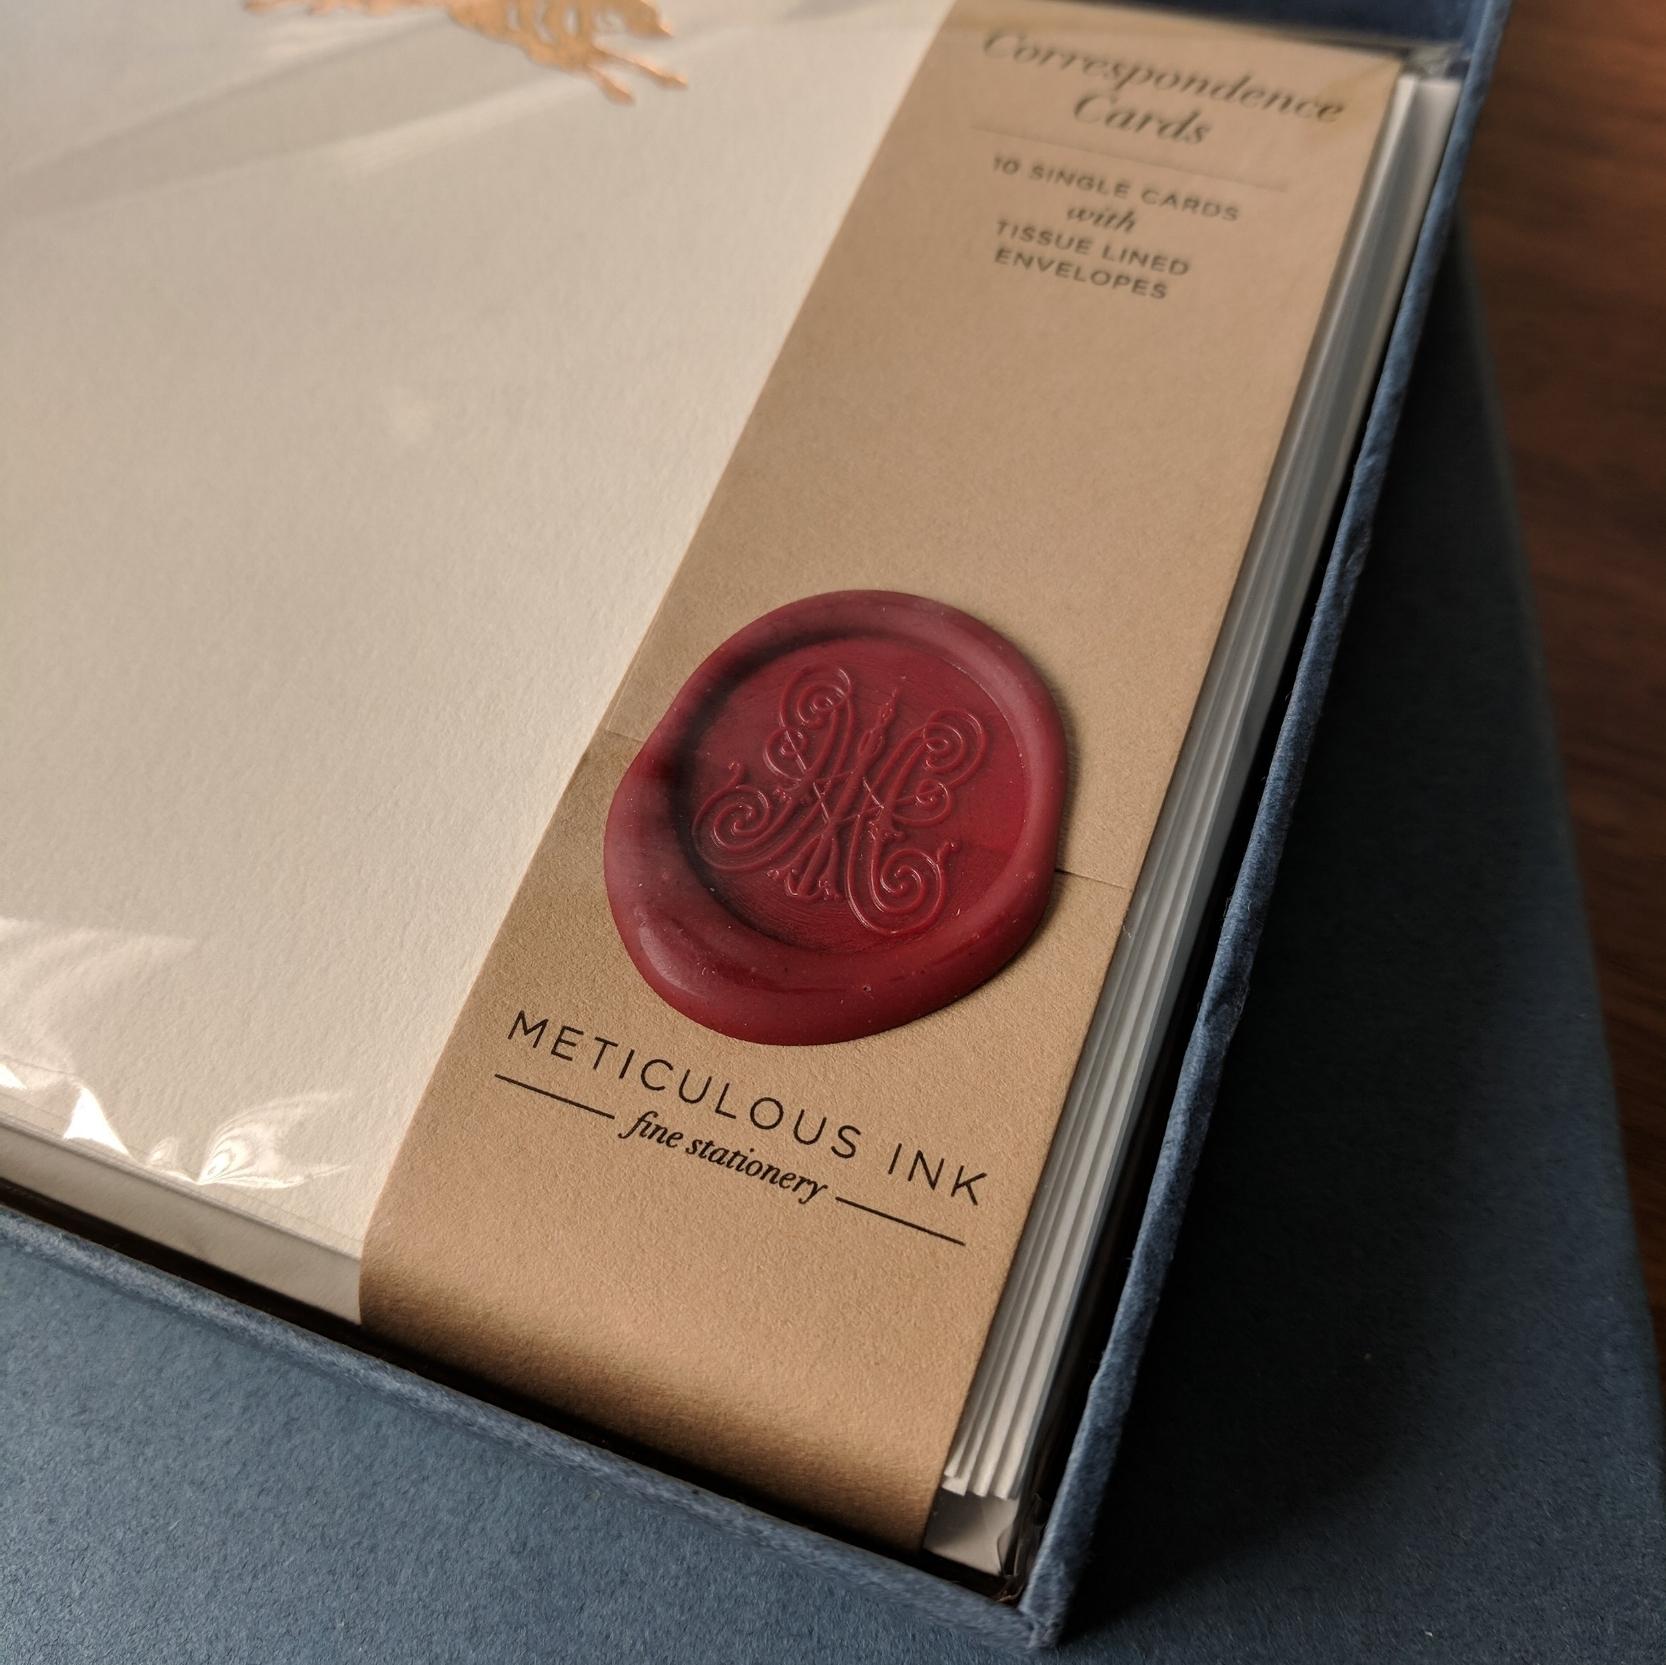 Meticulous-Ink-Wax-Seal